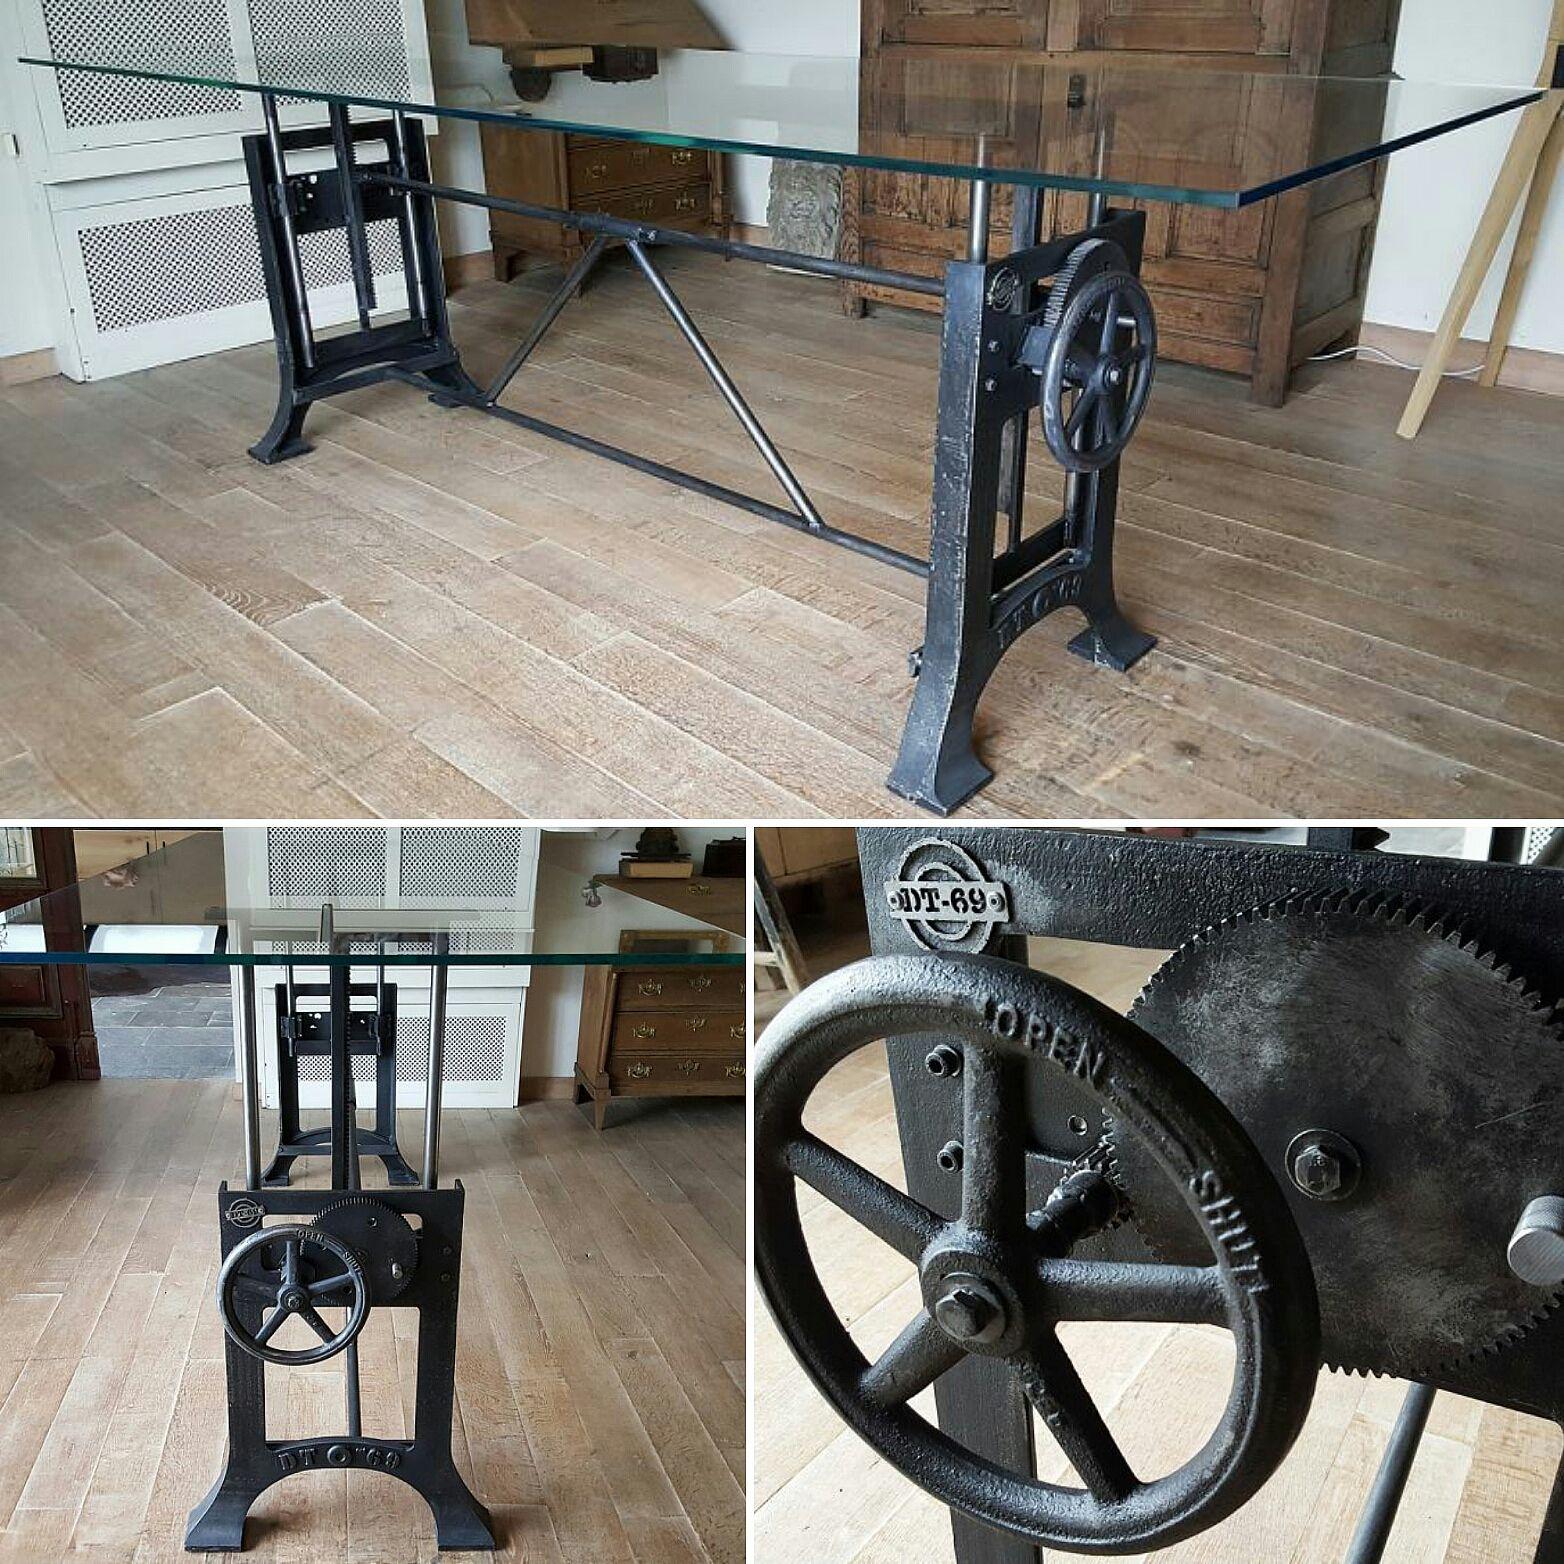 Dieser Industrie Design Tisch Hat Ein Industrielles In Hohe Verstellbar Gusseisengestell Das In Unserer Verstellbarer Tisch Tisch Hohenverstellbar Design Tisch